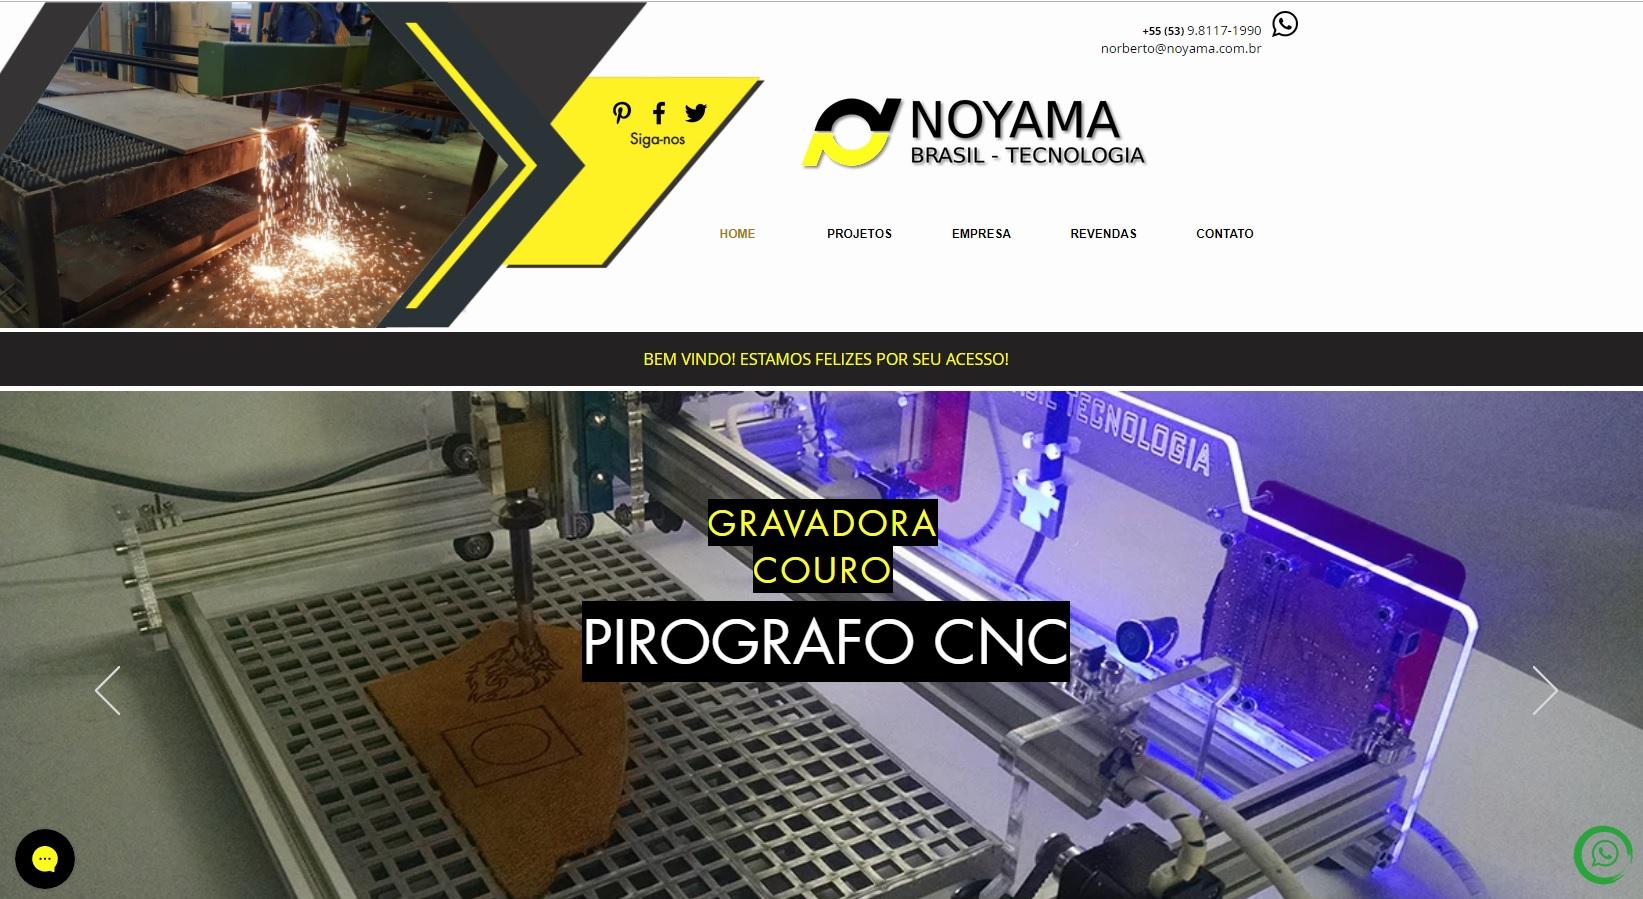 Noyama - Brasil